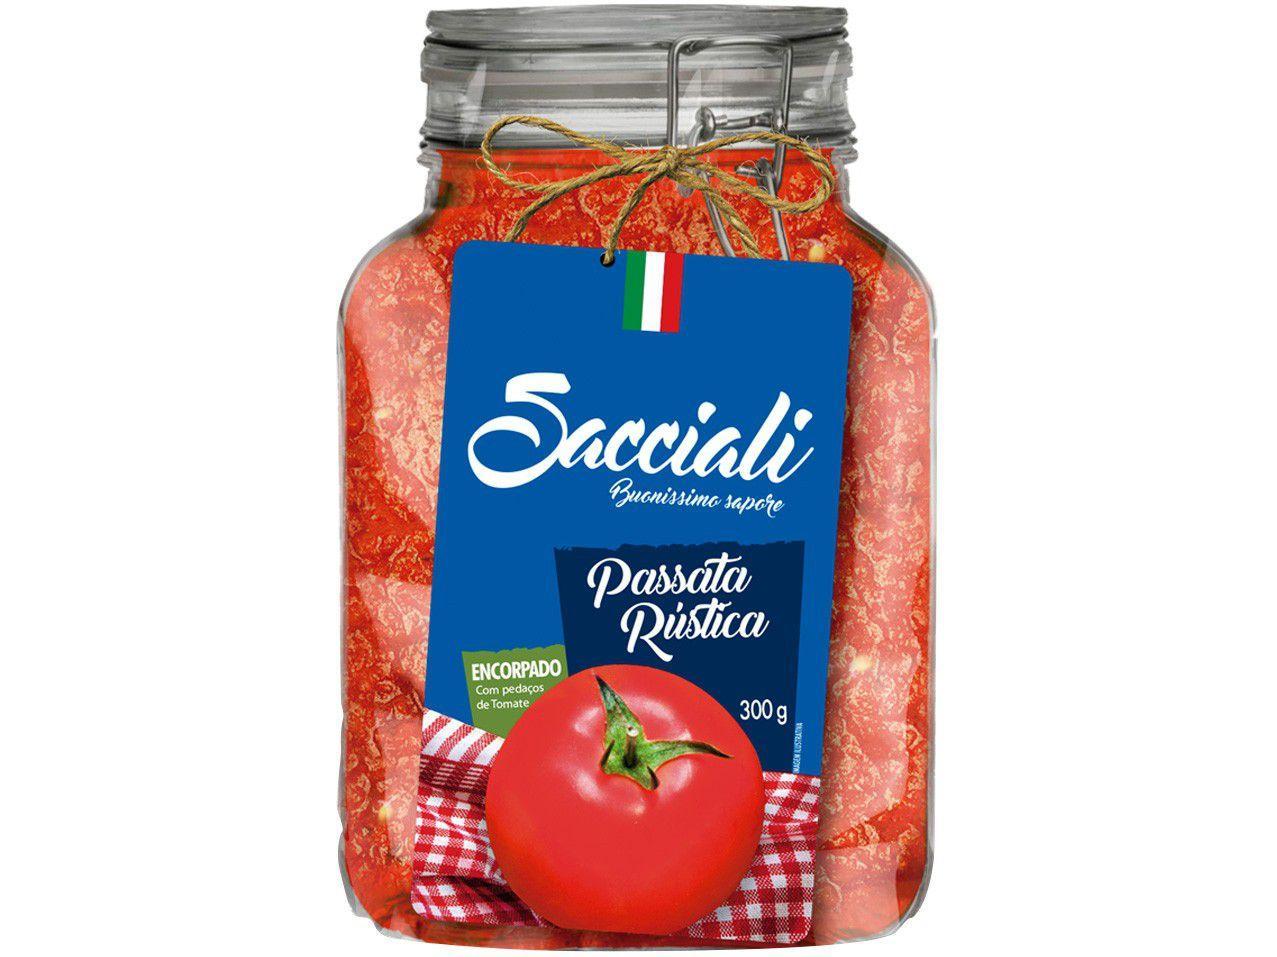 Passata de Tomate Rústica Sacciali Encorpado - 300g